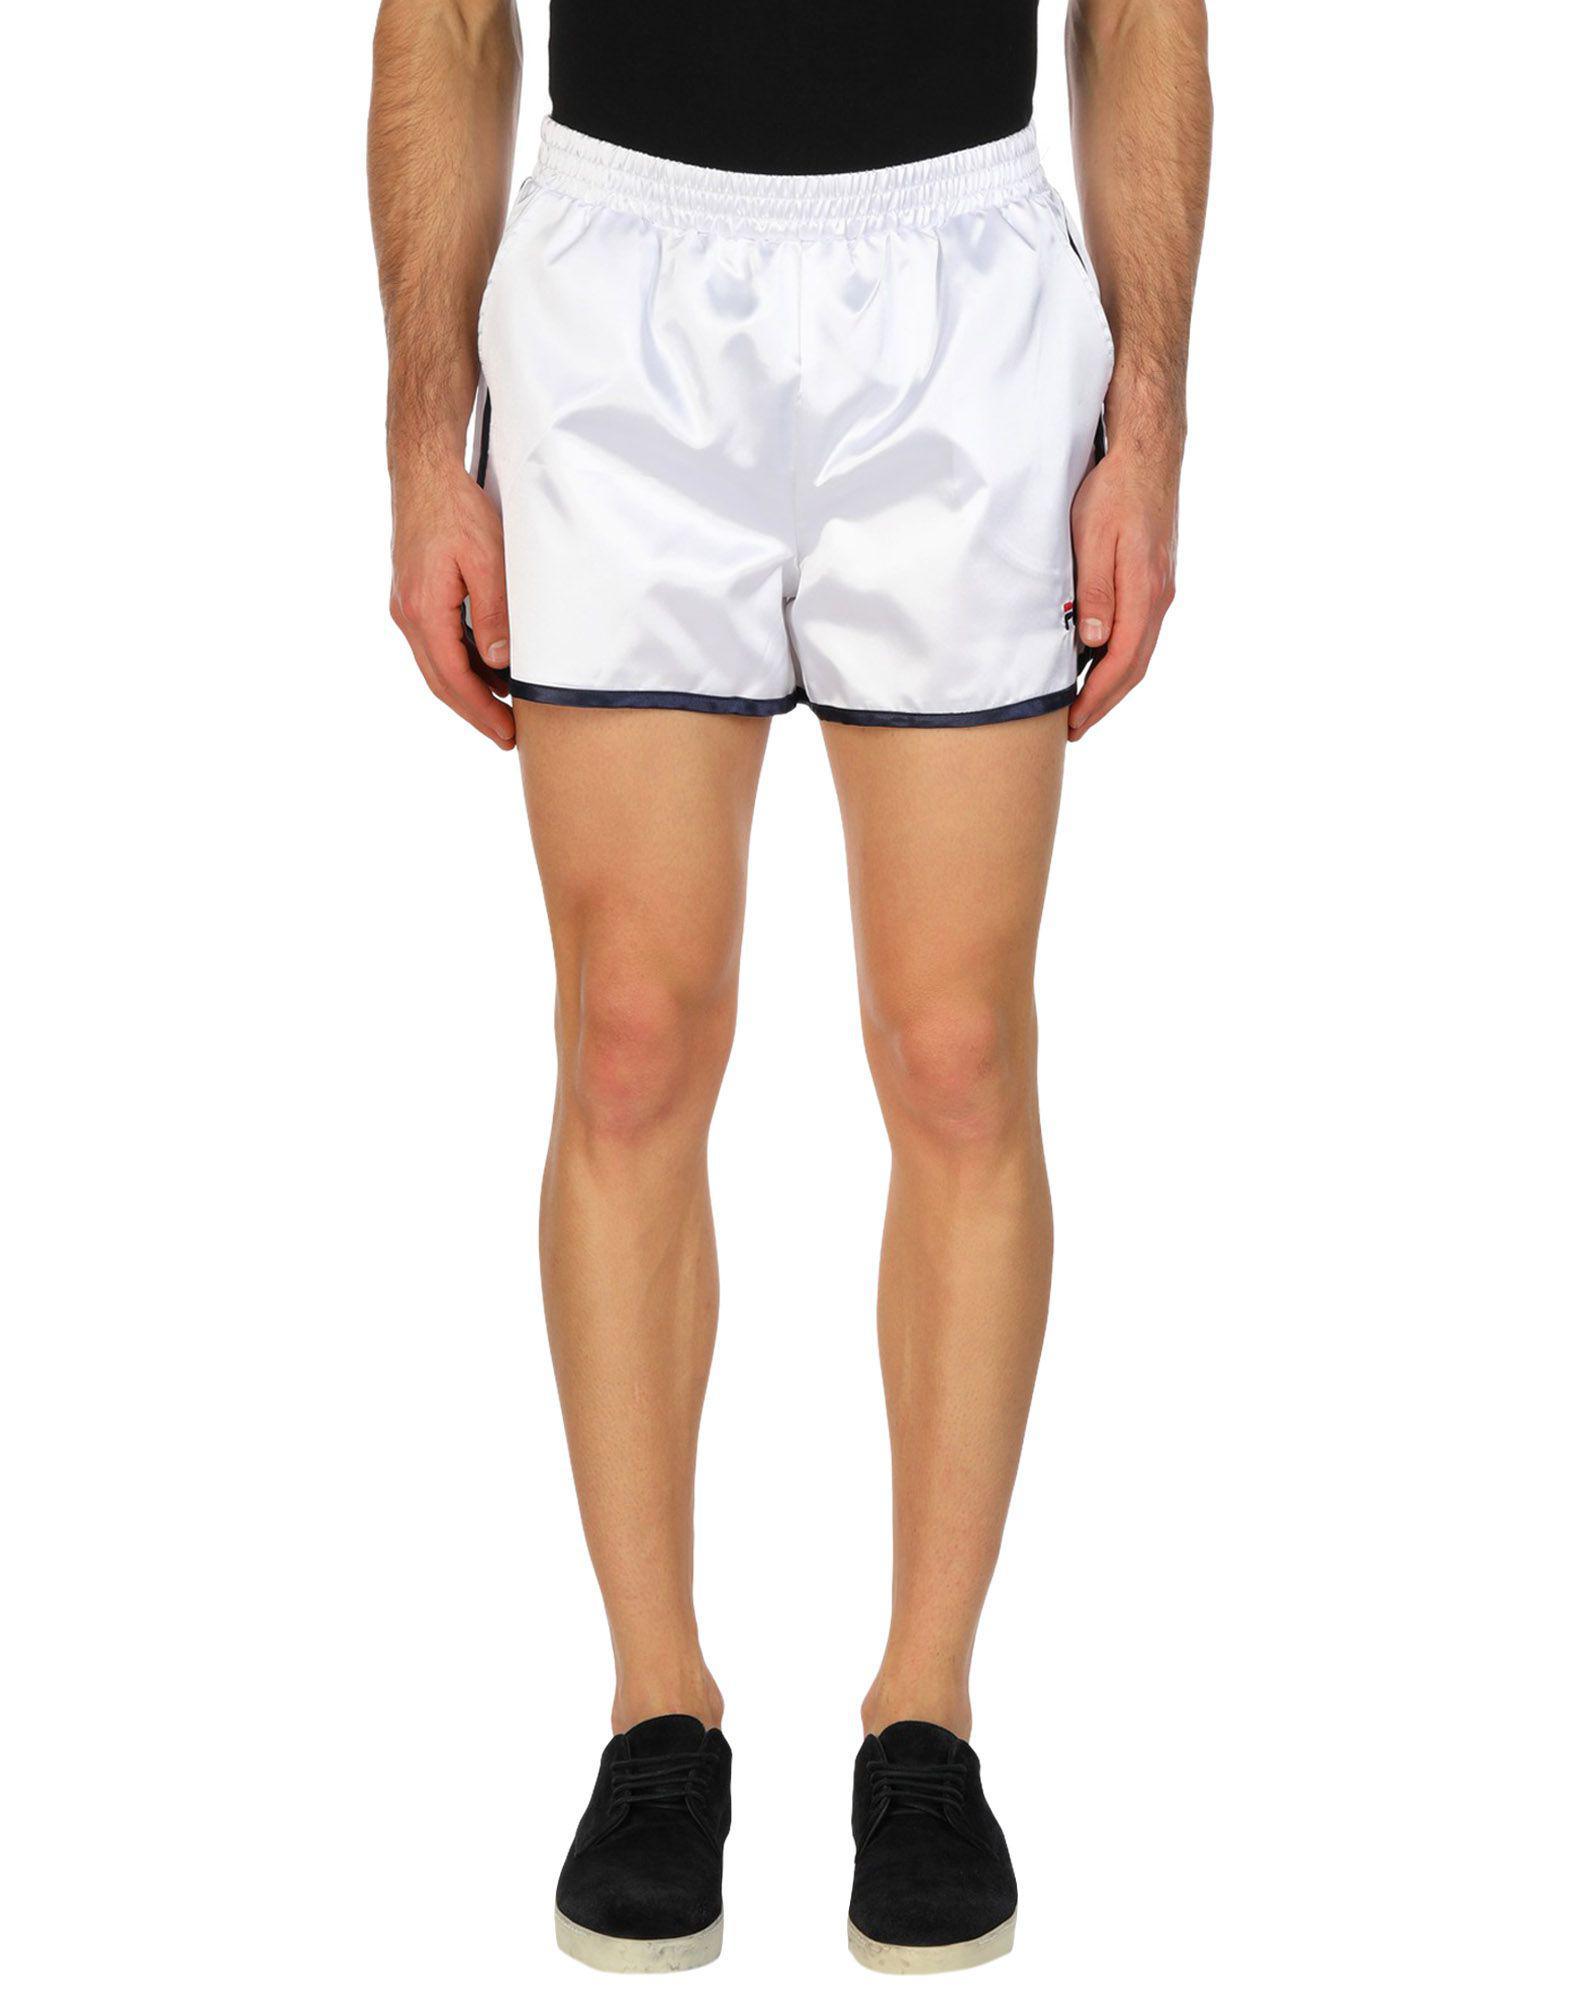 e062efa5482be Fila Shorts in White for Men - Lyst